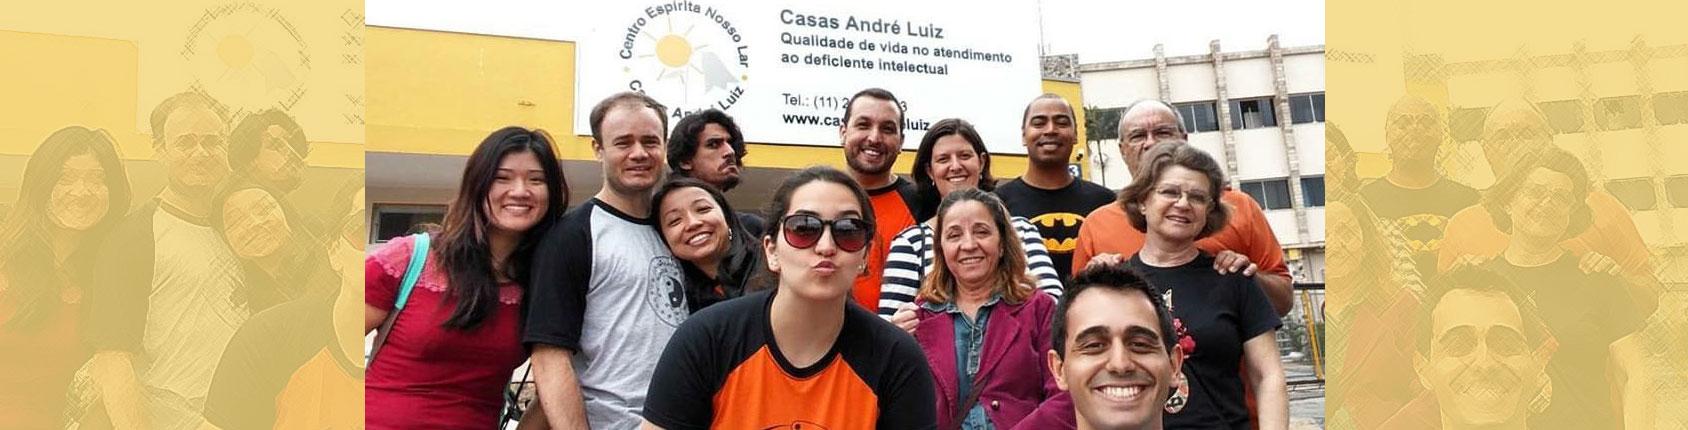 Casas Andre Luis